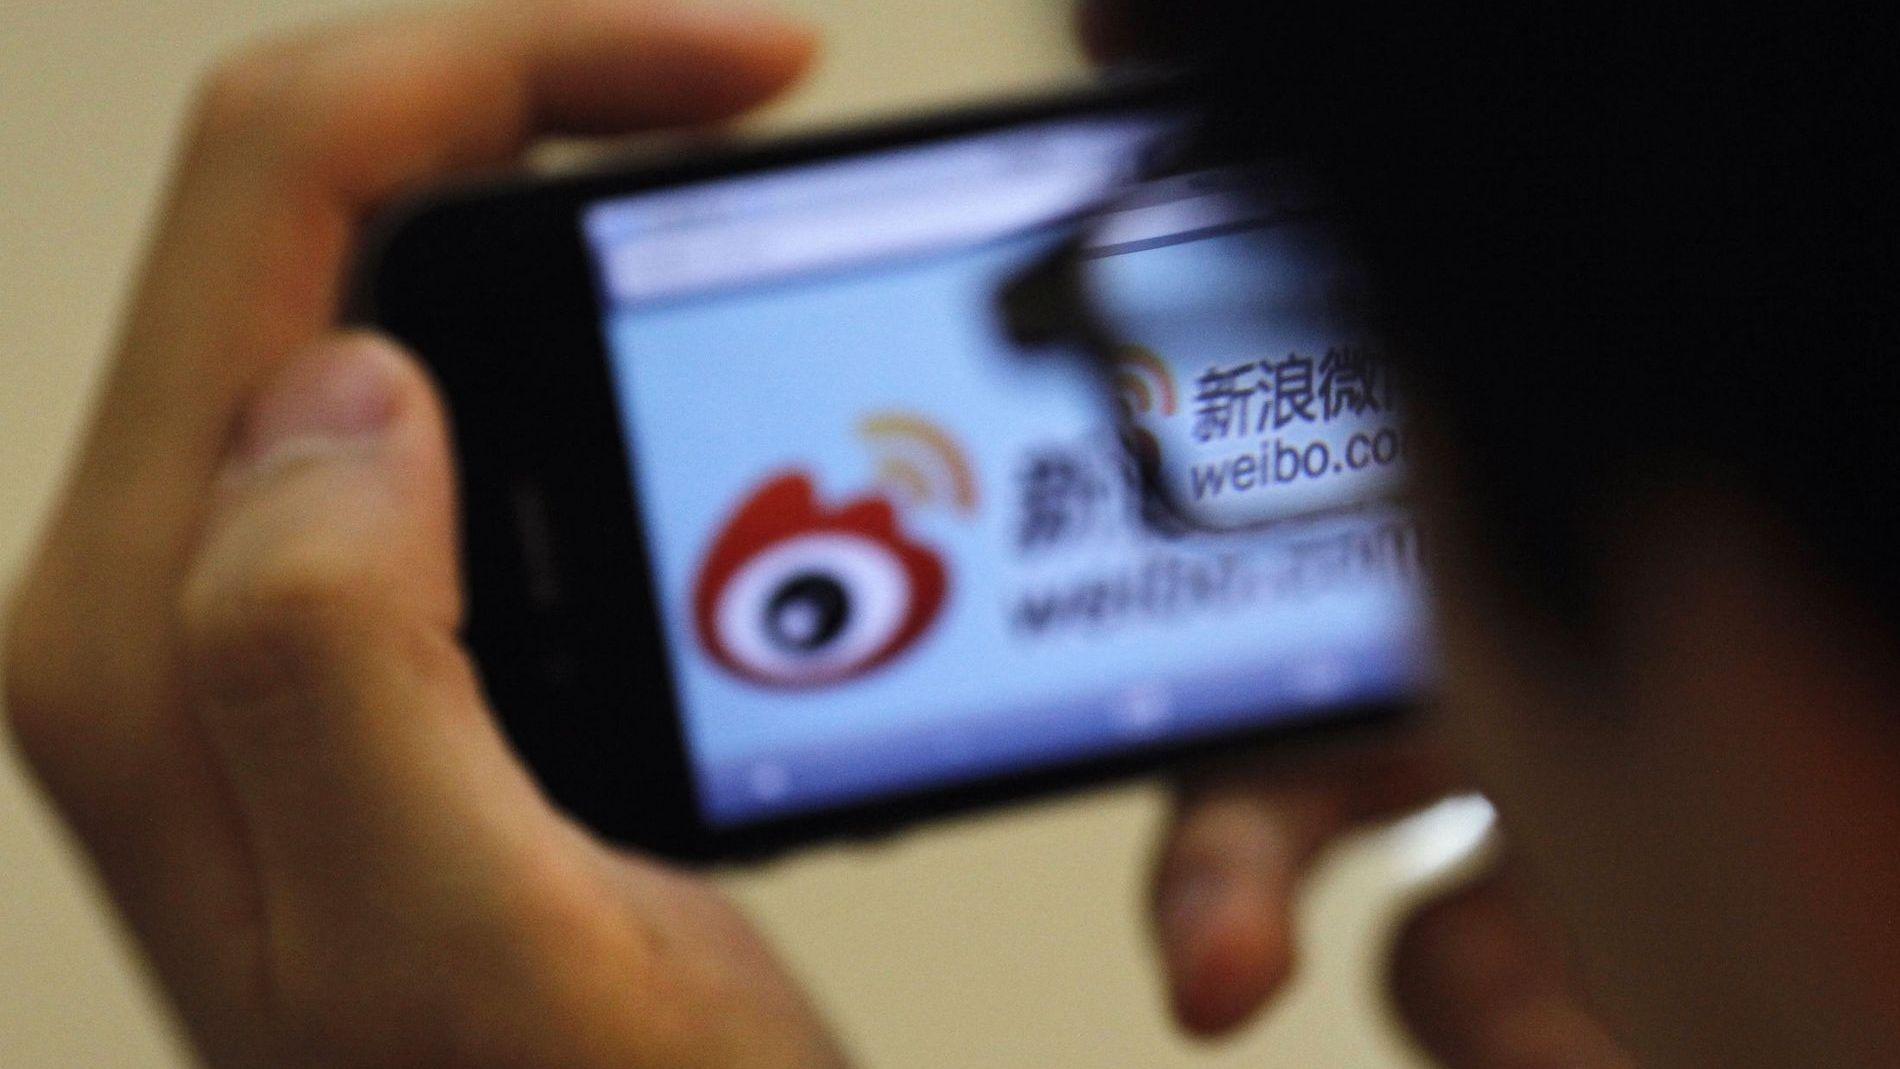 Kina skal bestemme hva som kommer høyest i søkeresultatet